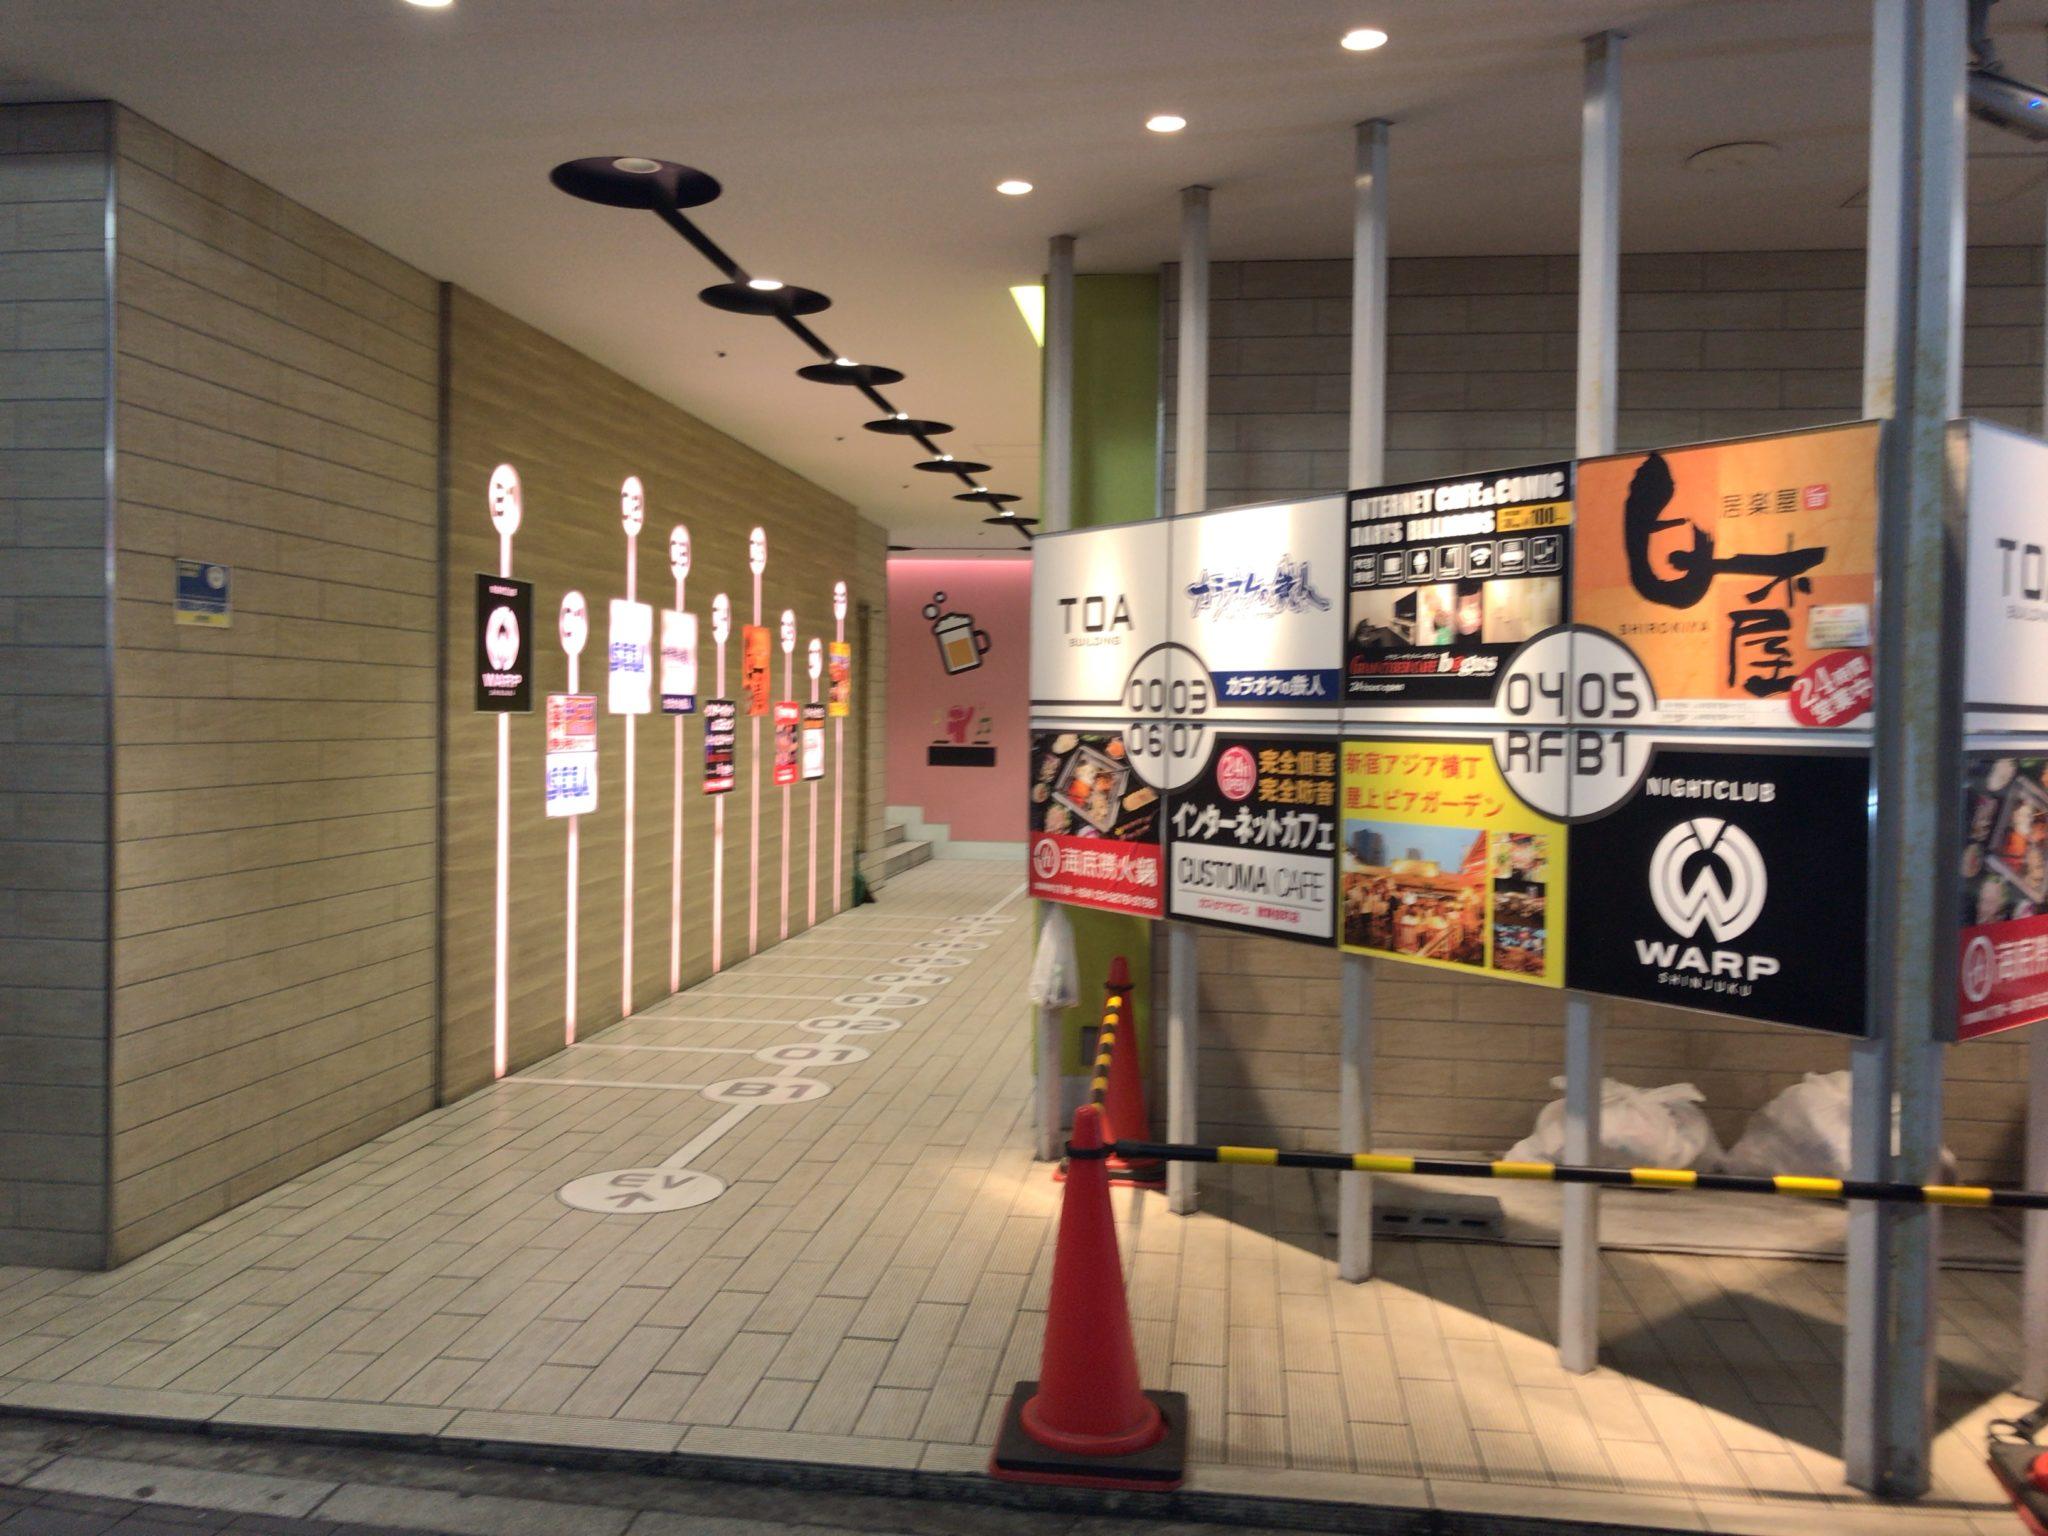 グラン カスタマ 歌舞 伎町 店